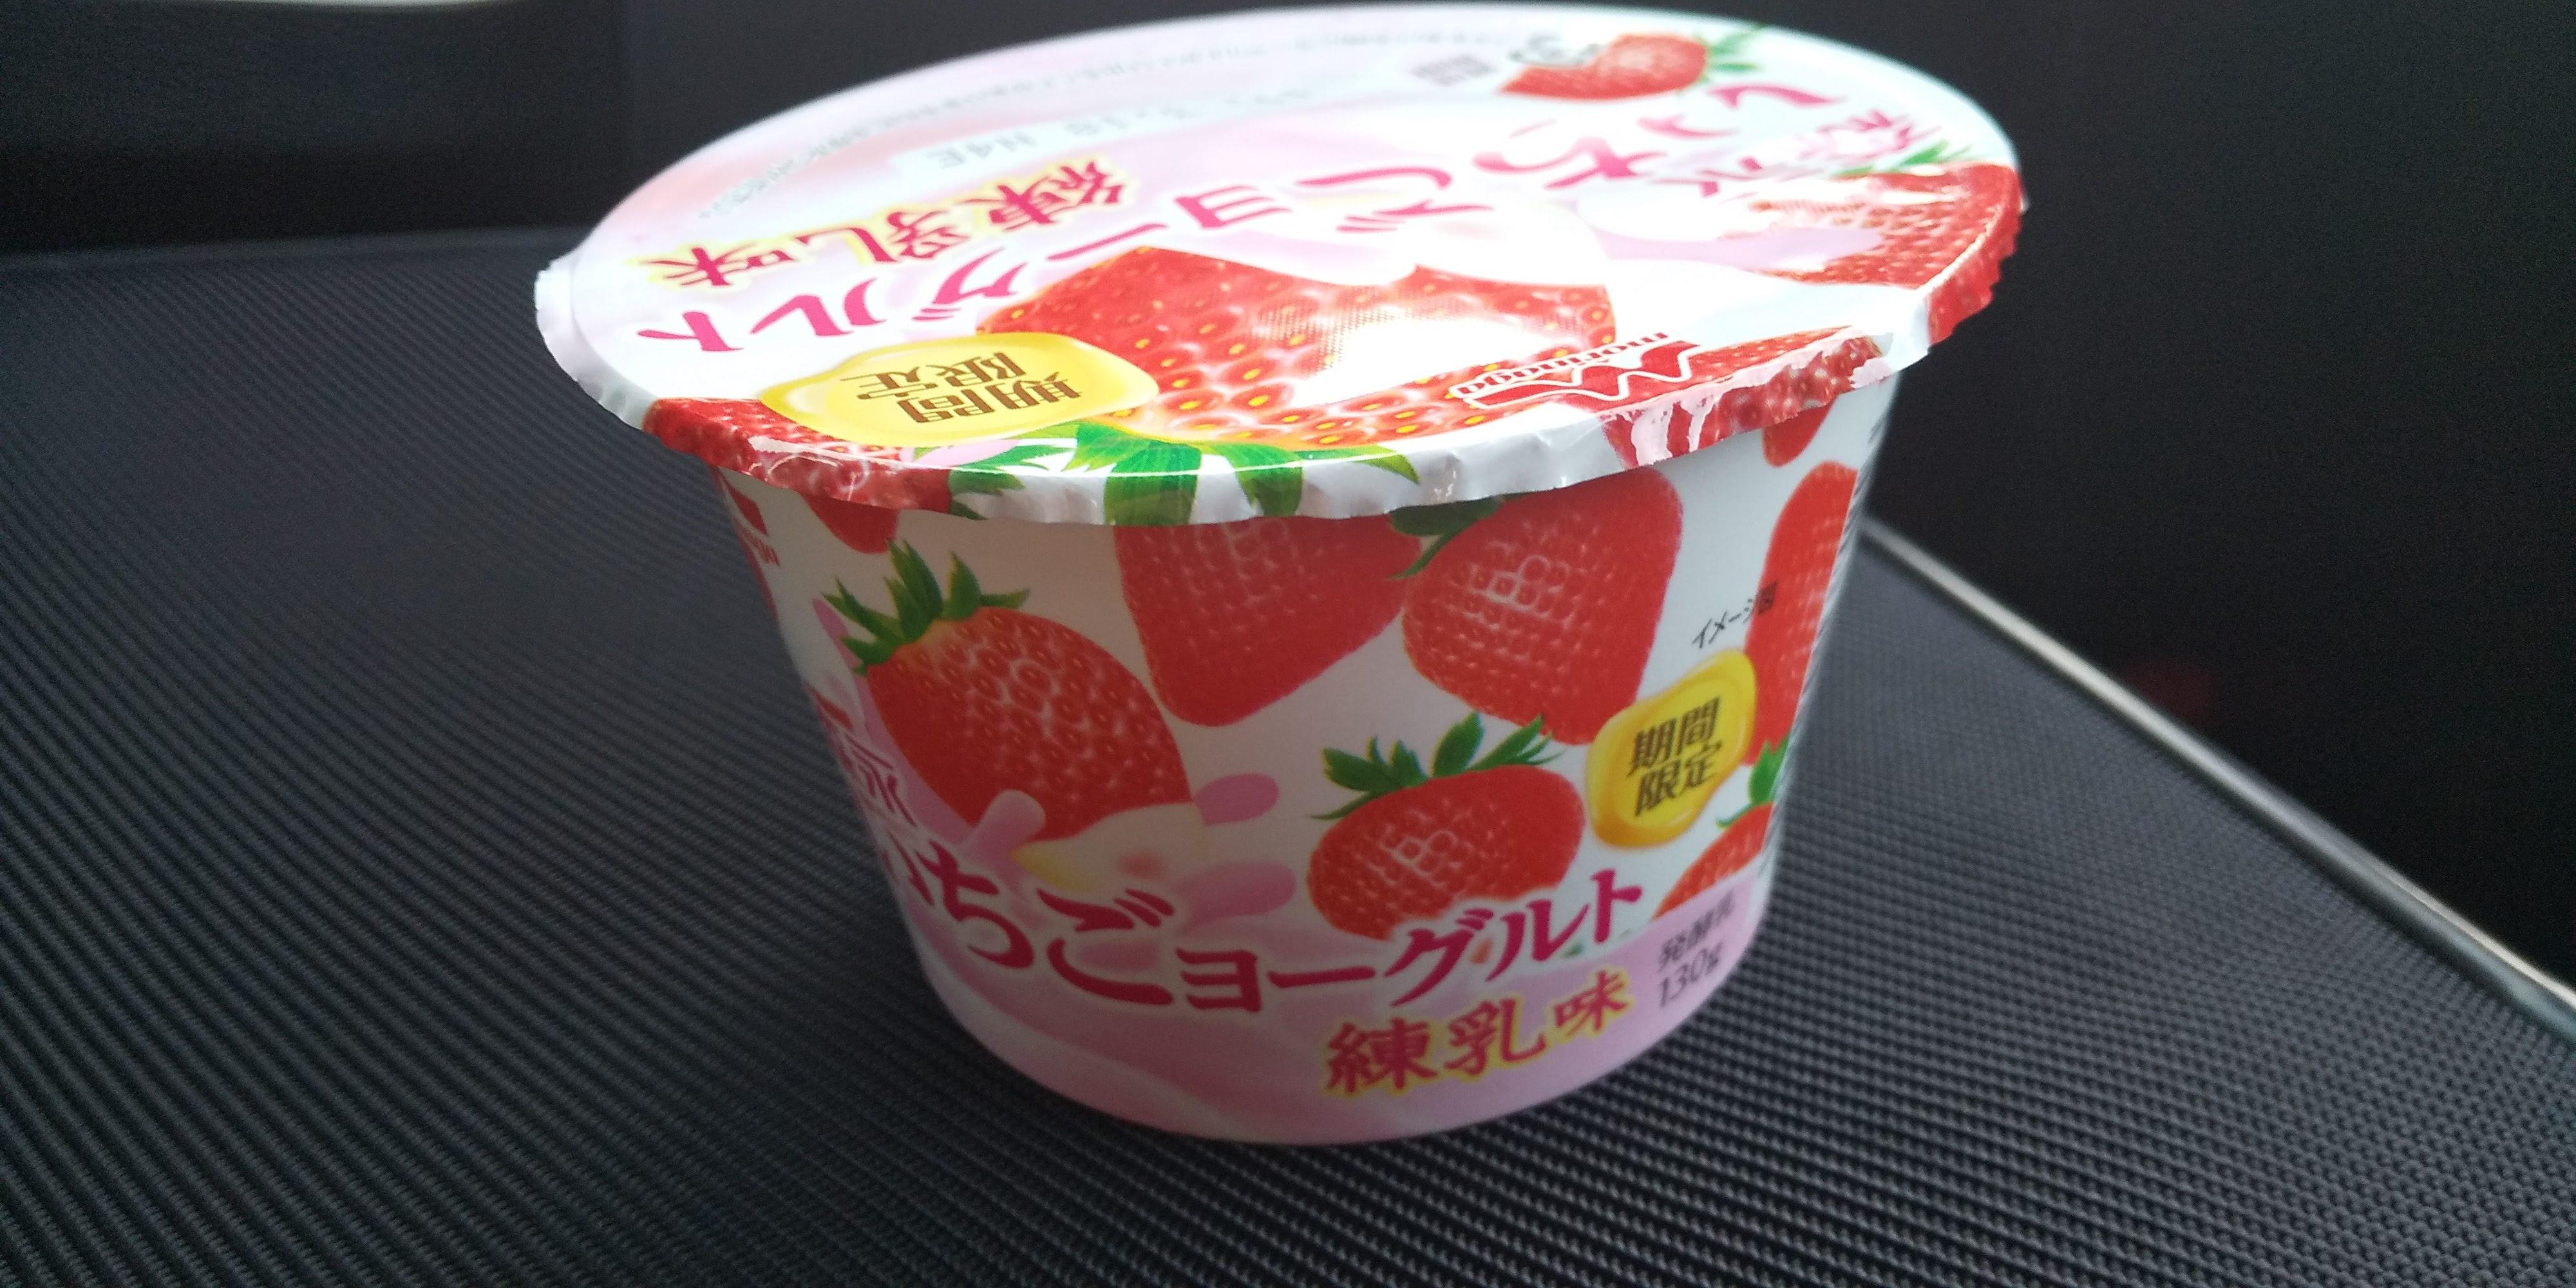 森永【いちごヨーグルト練乳味】期間限定